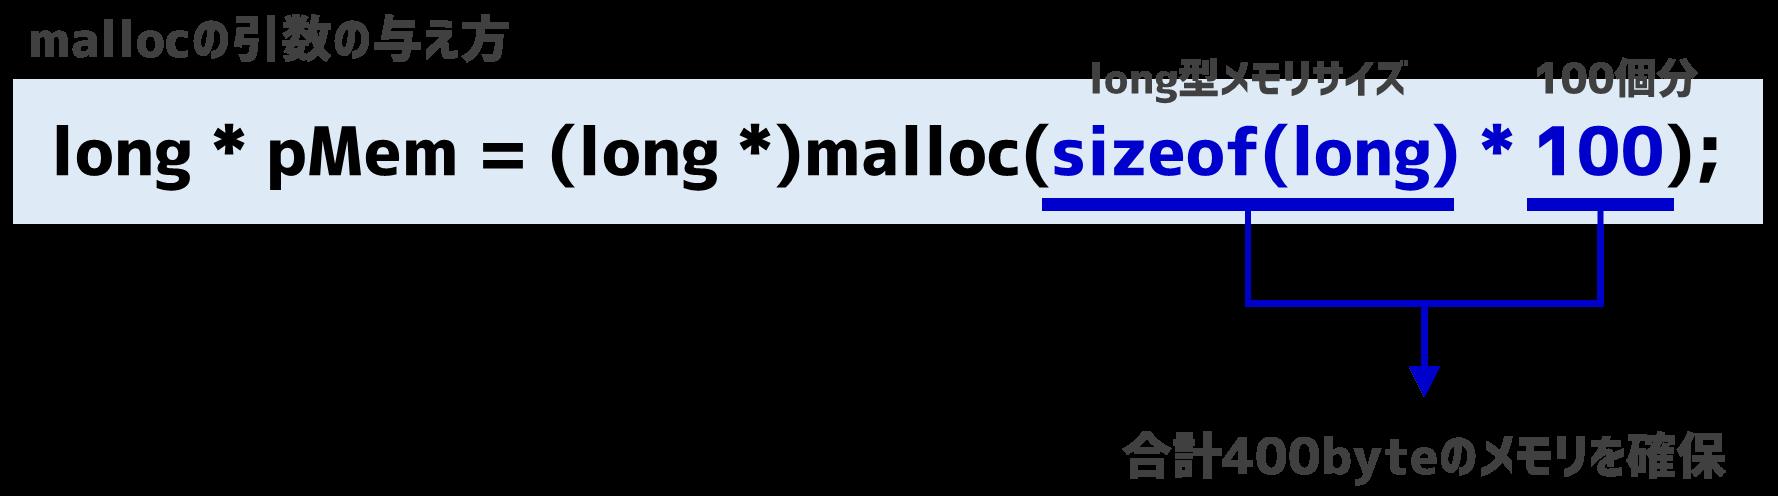 mallocの引数の与え方